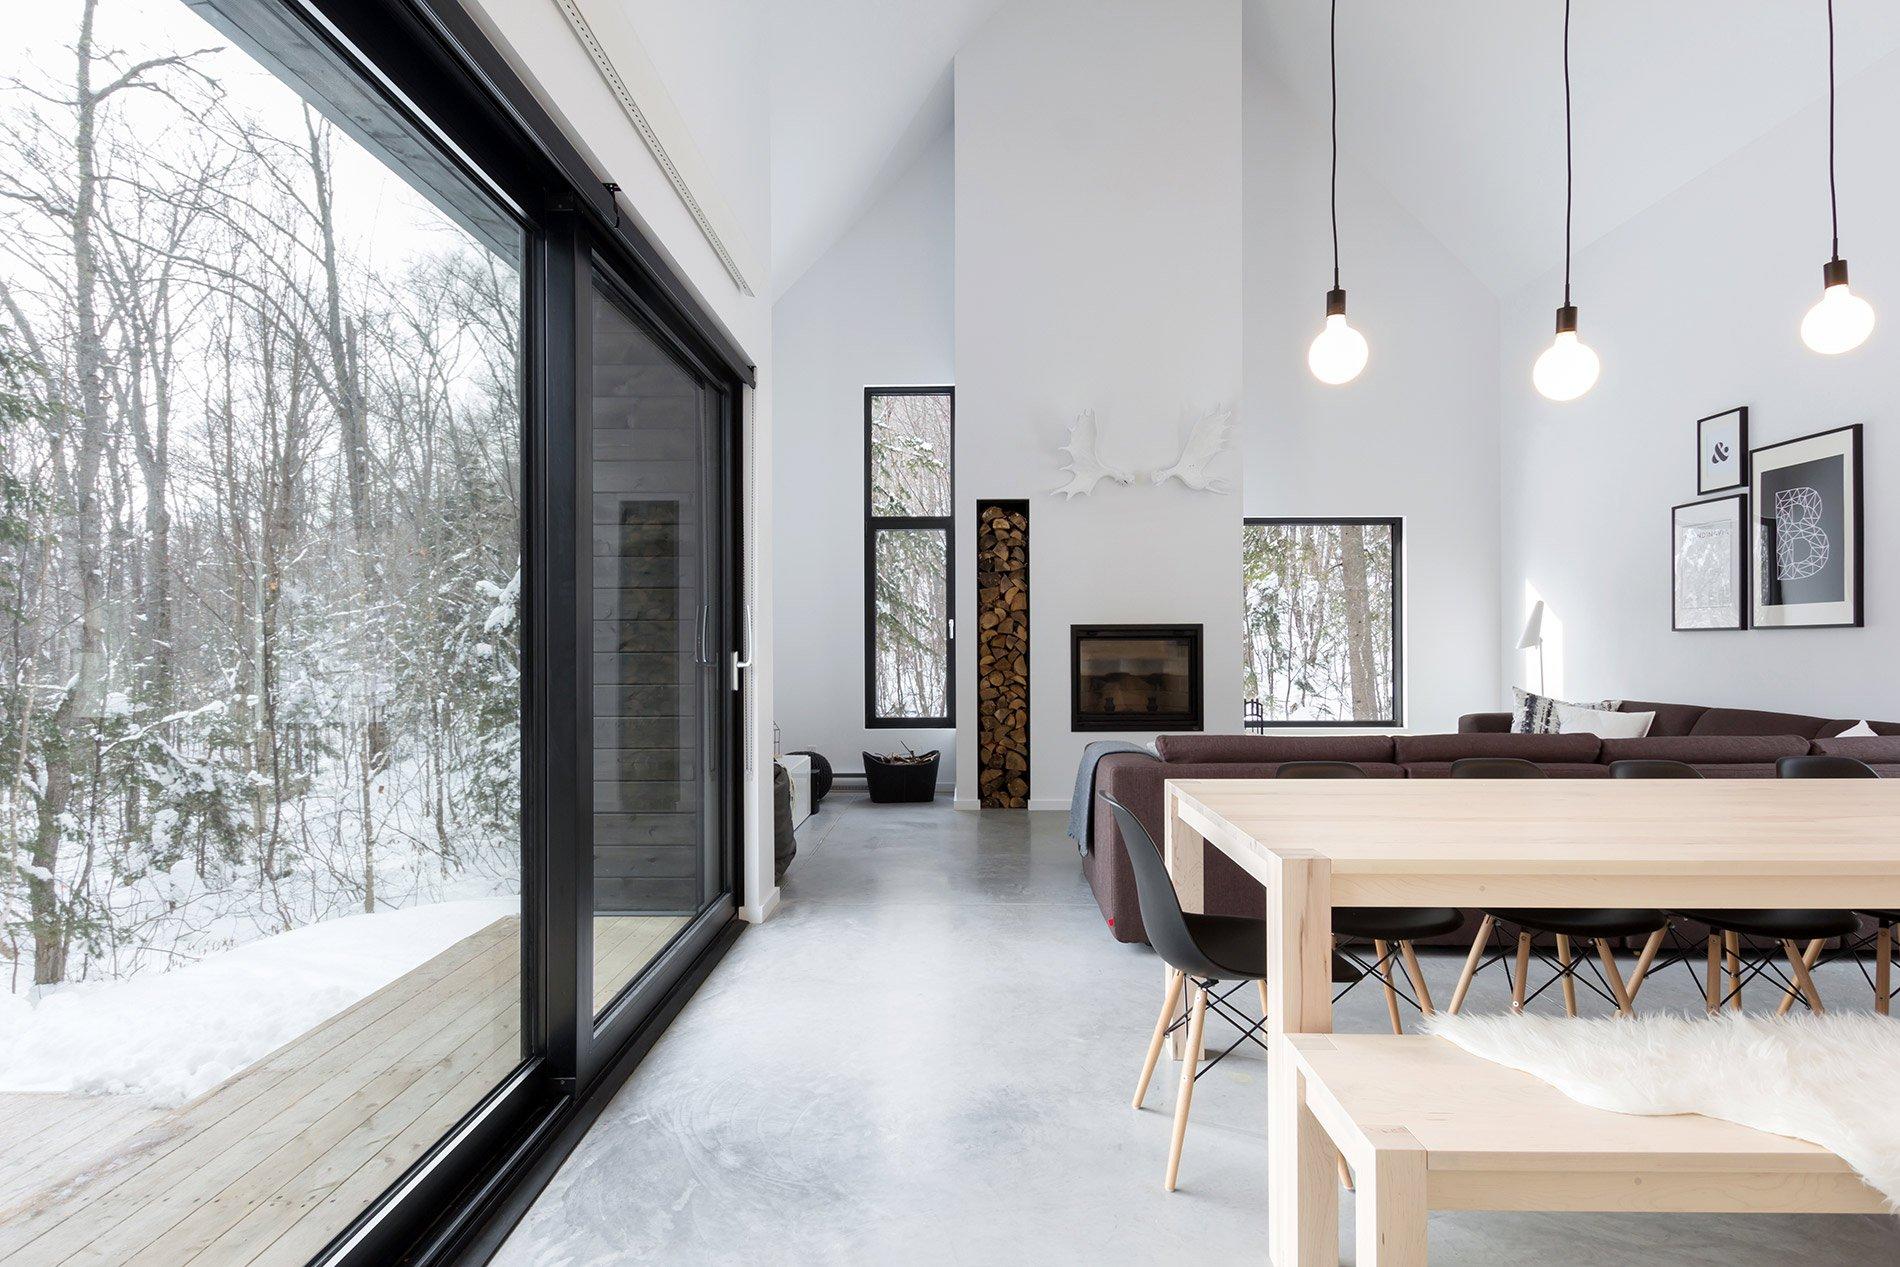 villa-boreale-cargo-architecture-awx2blog-18